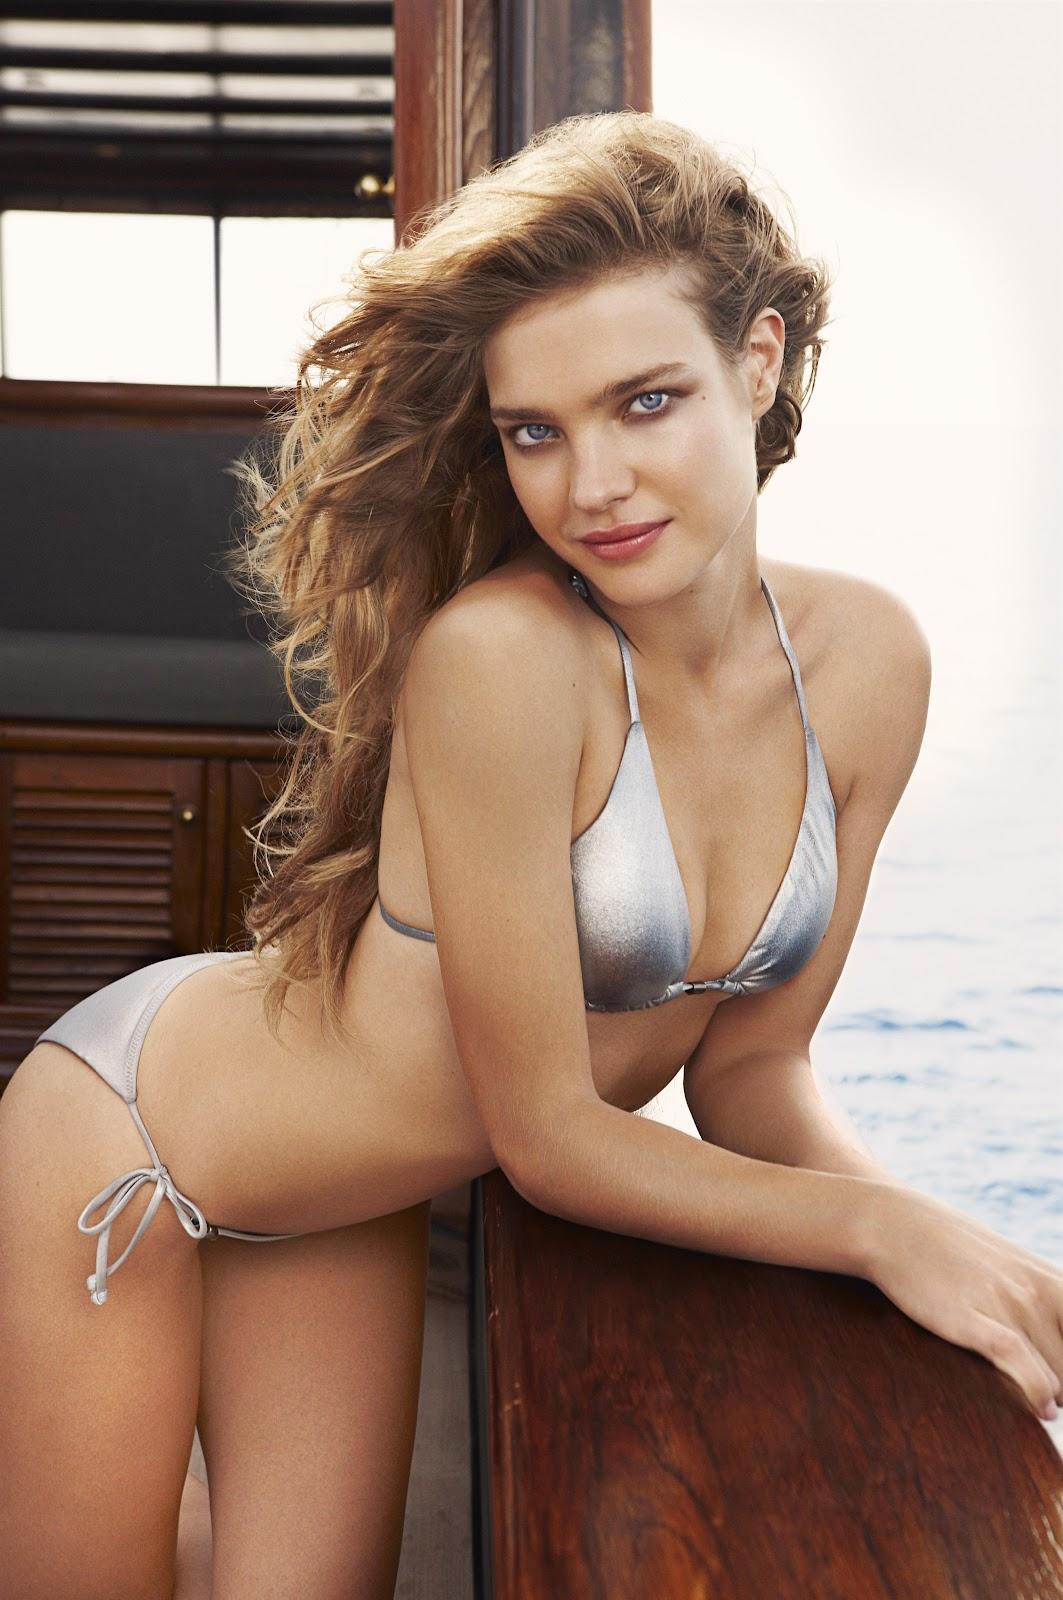 Allwalls: Hot Russian super model Natalia Vodianova